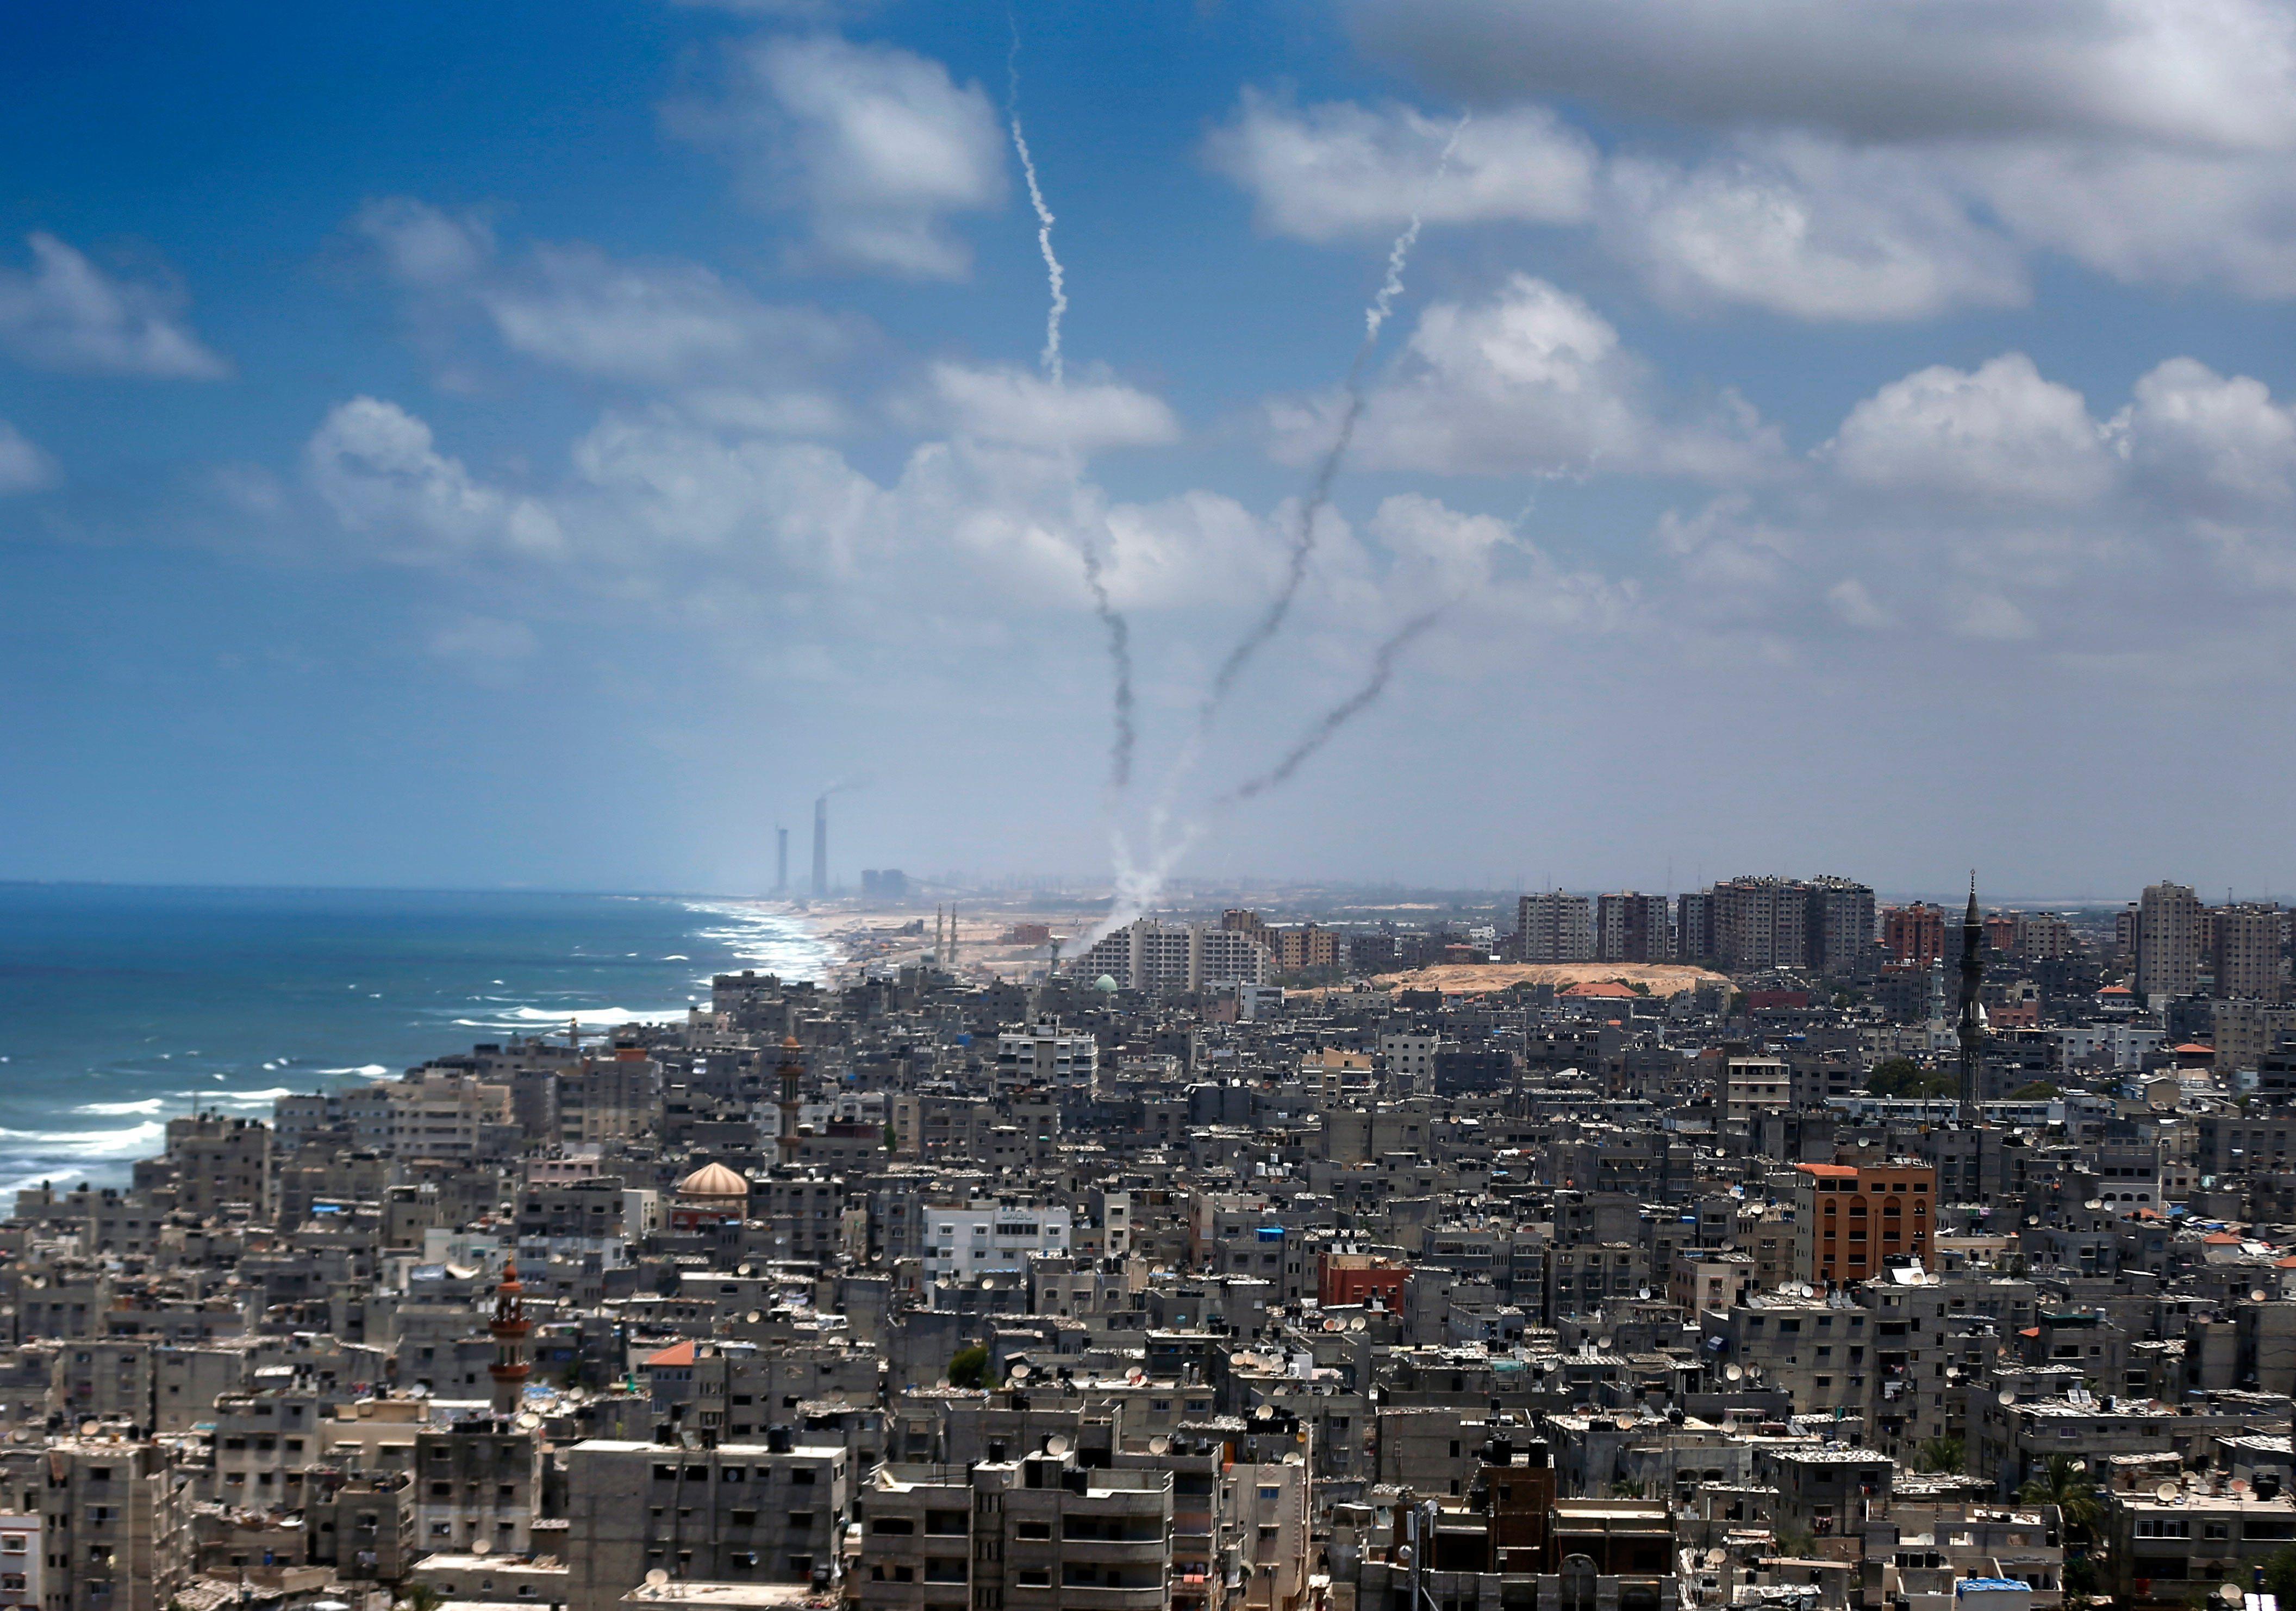 报复火箭弹袭击,以军空袭加沙哈马斯据点,如此死循环貌似无解